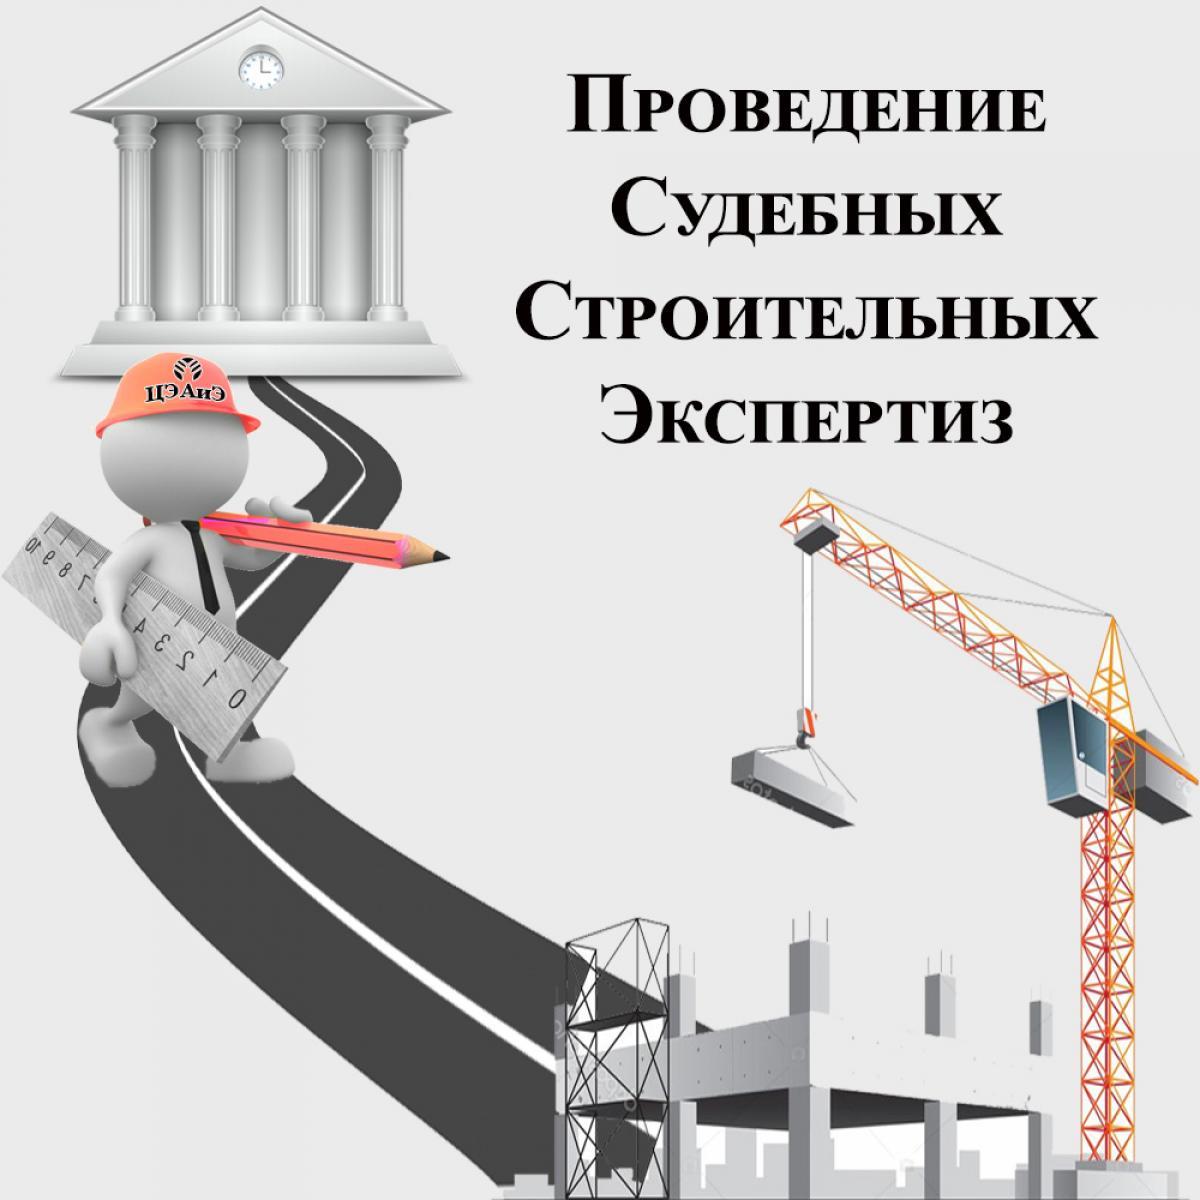 судебная строительная экспертиза порядок проведения